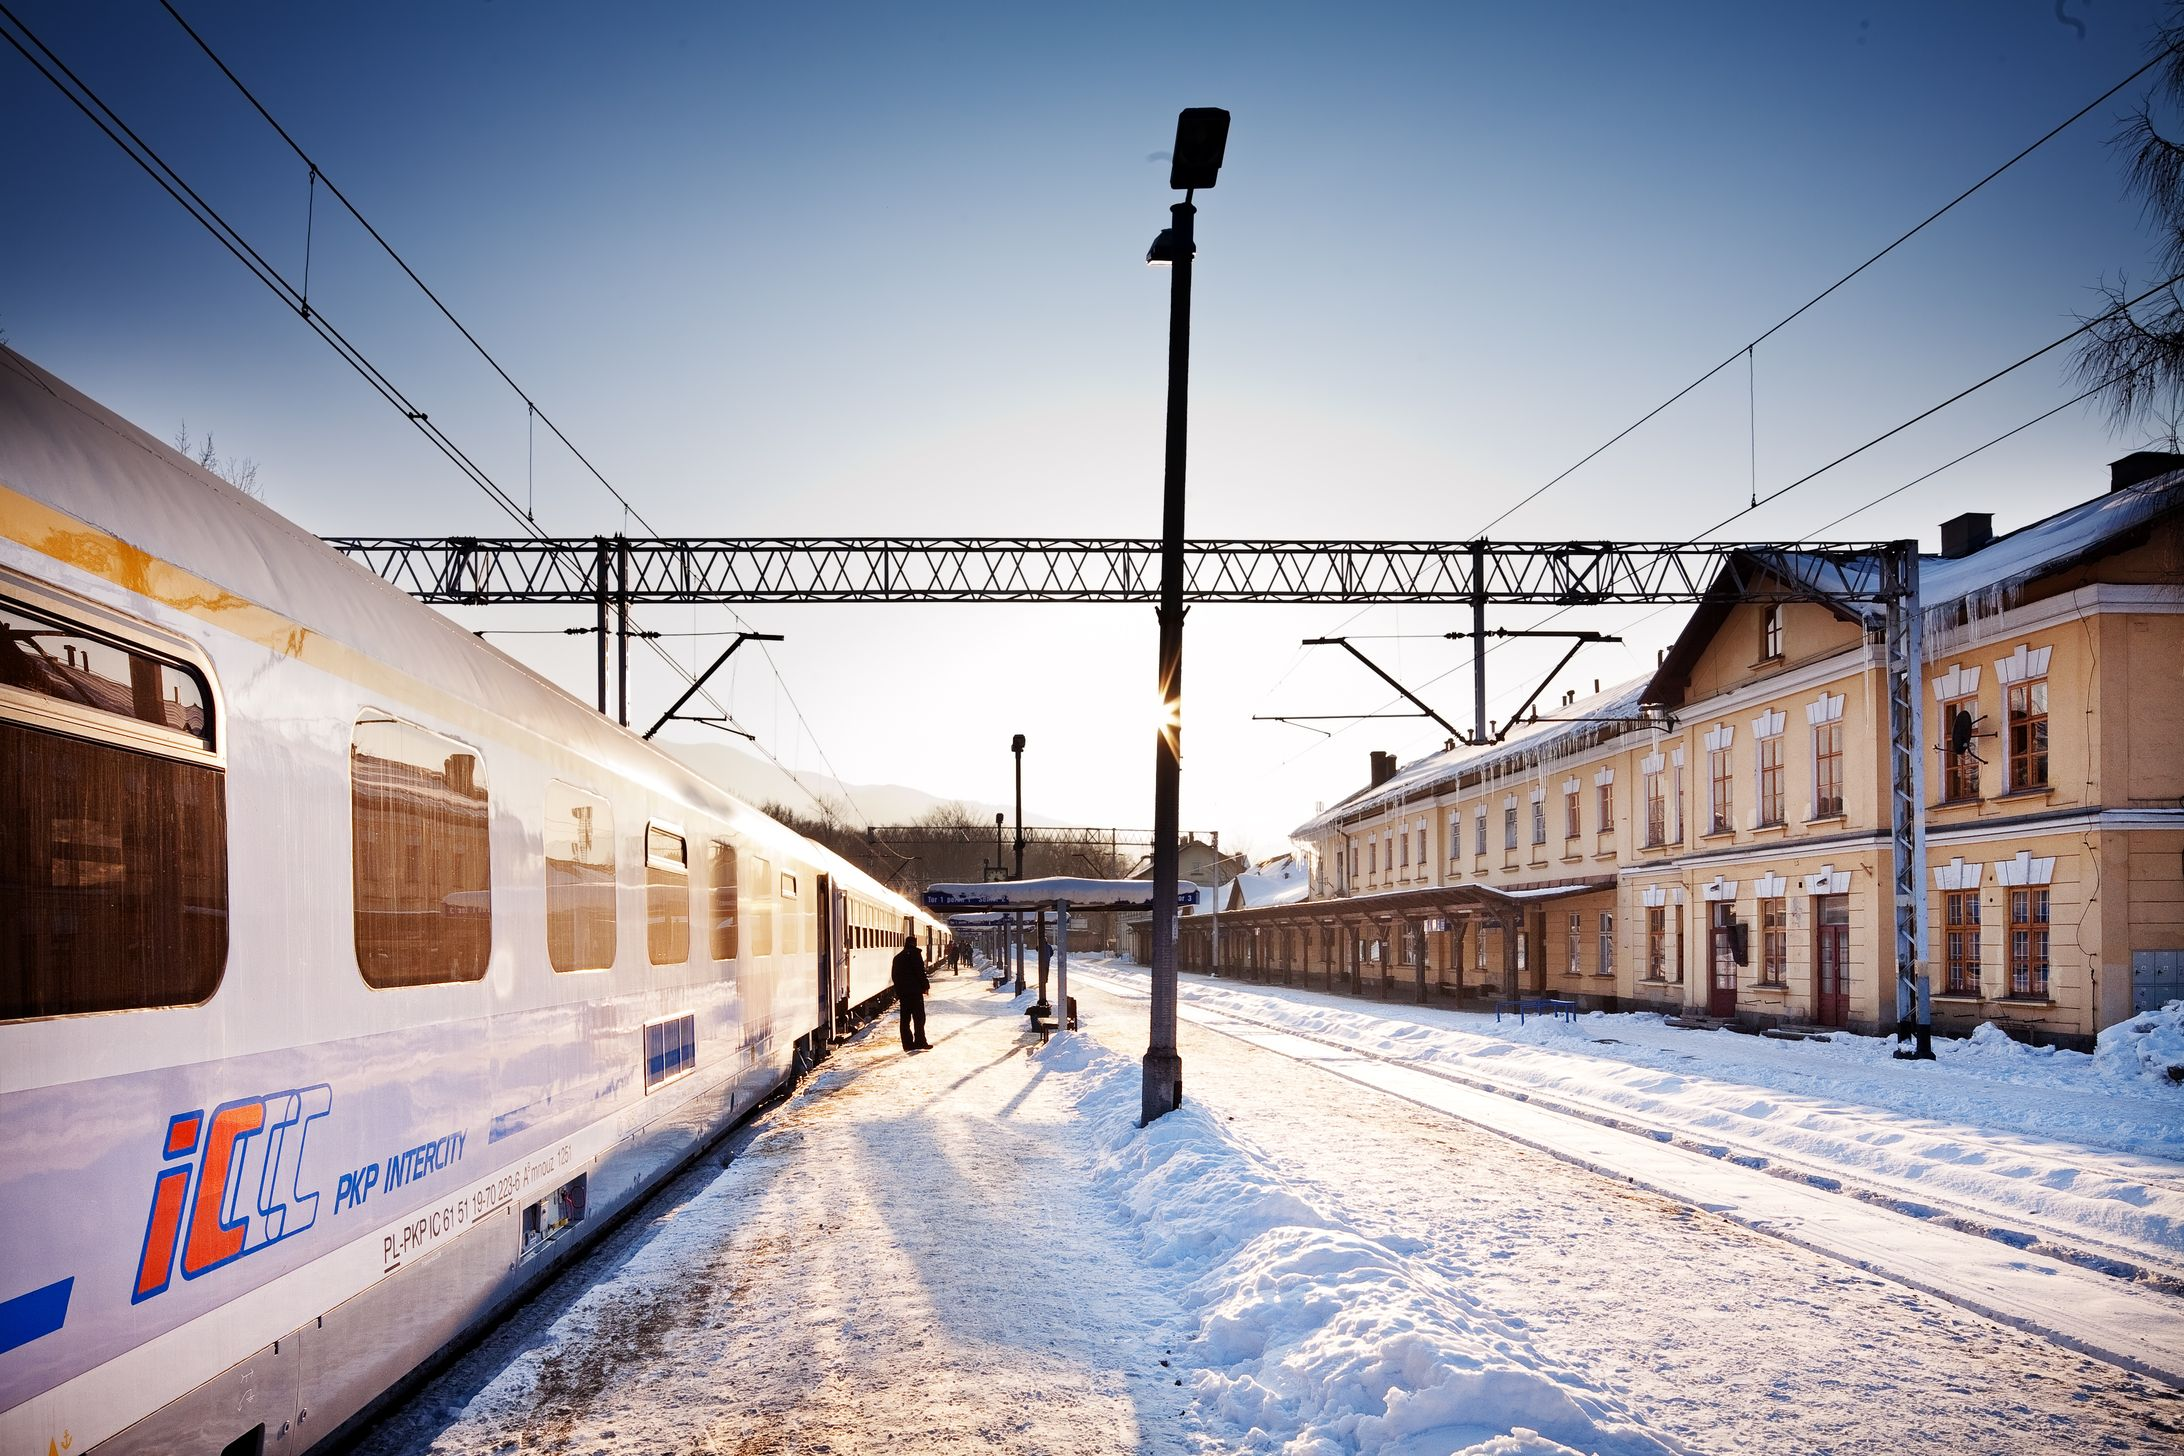 15 stycznia pierwsza tura ferii zimowych. Planując wyjazd zapoznajcie się z ofertą PKP Intercity